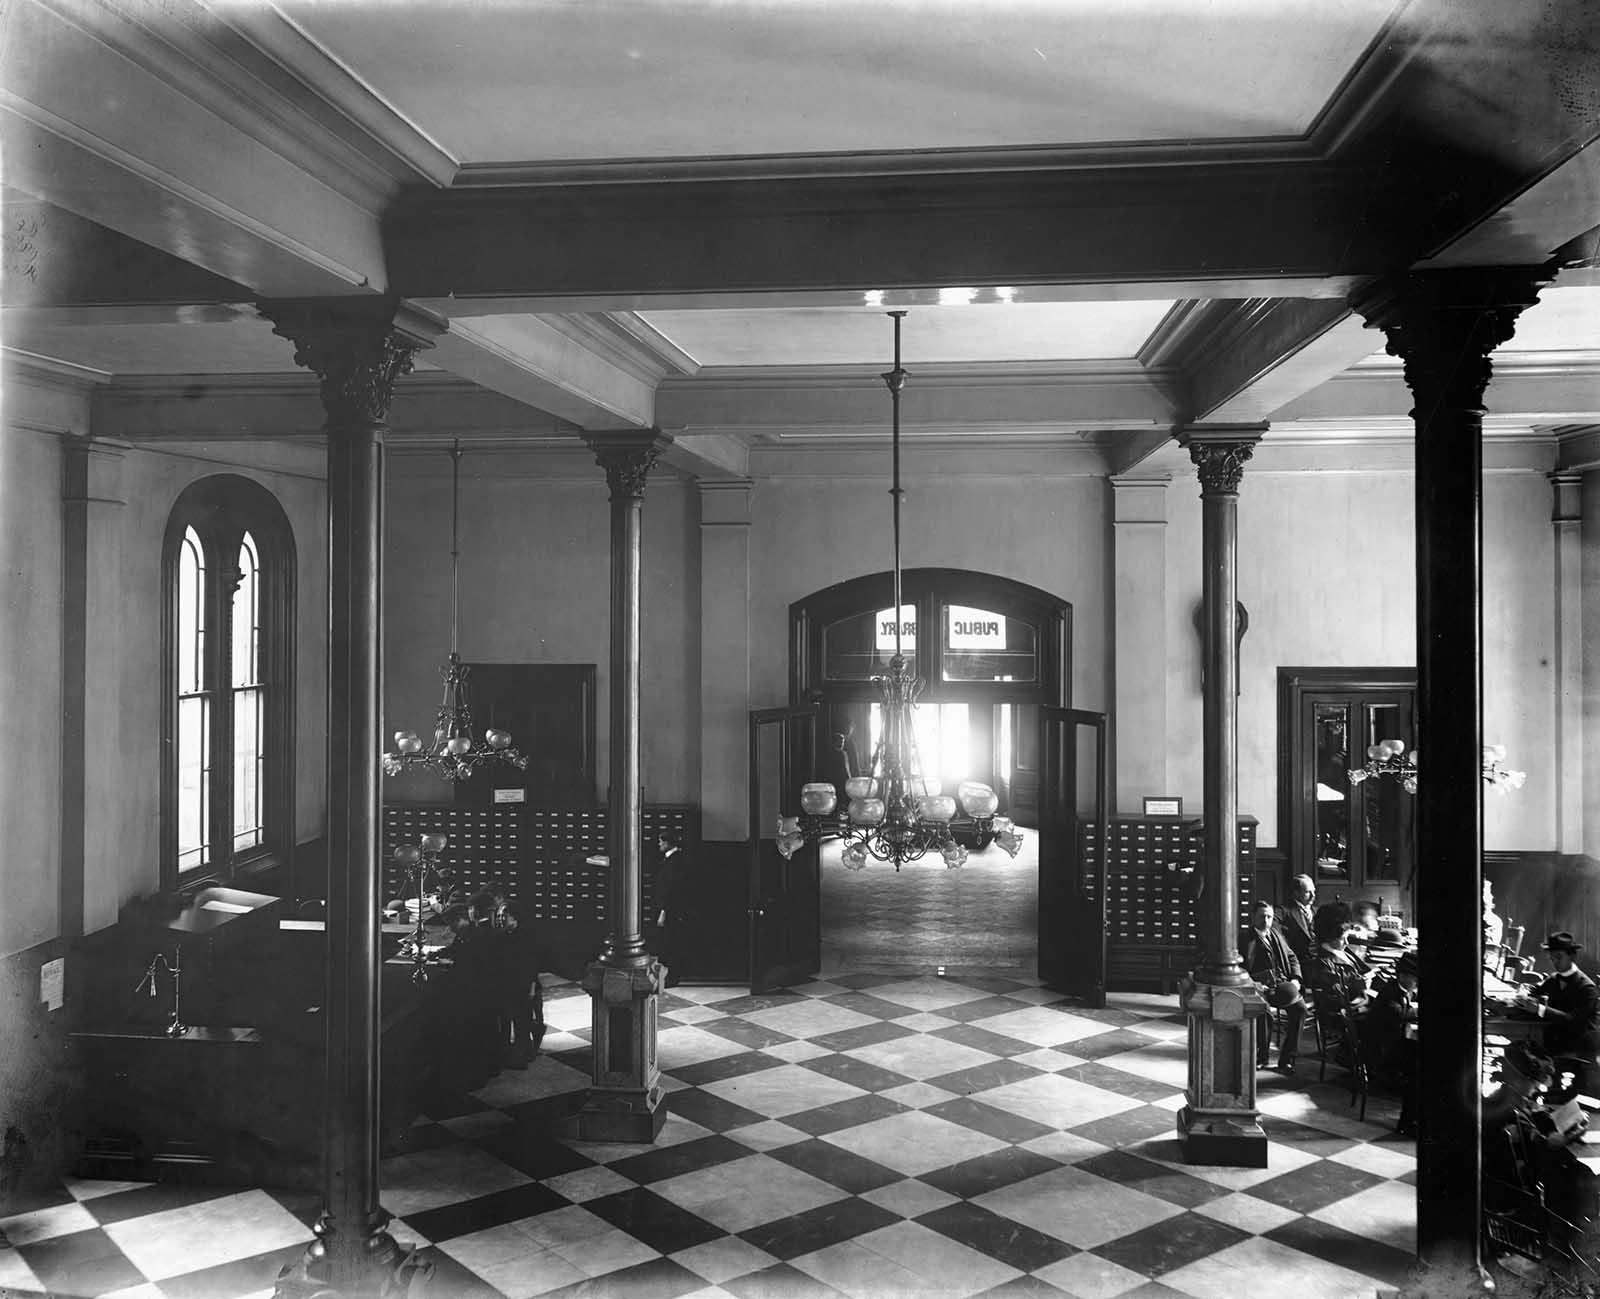 ex biblioteca di Cincinnati prima di essere demolita, 1874-1955'Ancien Cincinnati Bibliothèque avant d'être démoli, 1874-1955